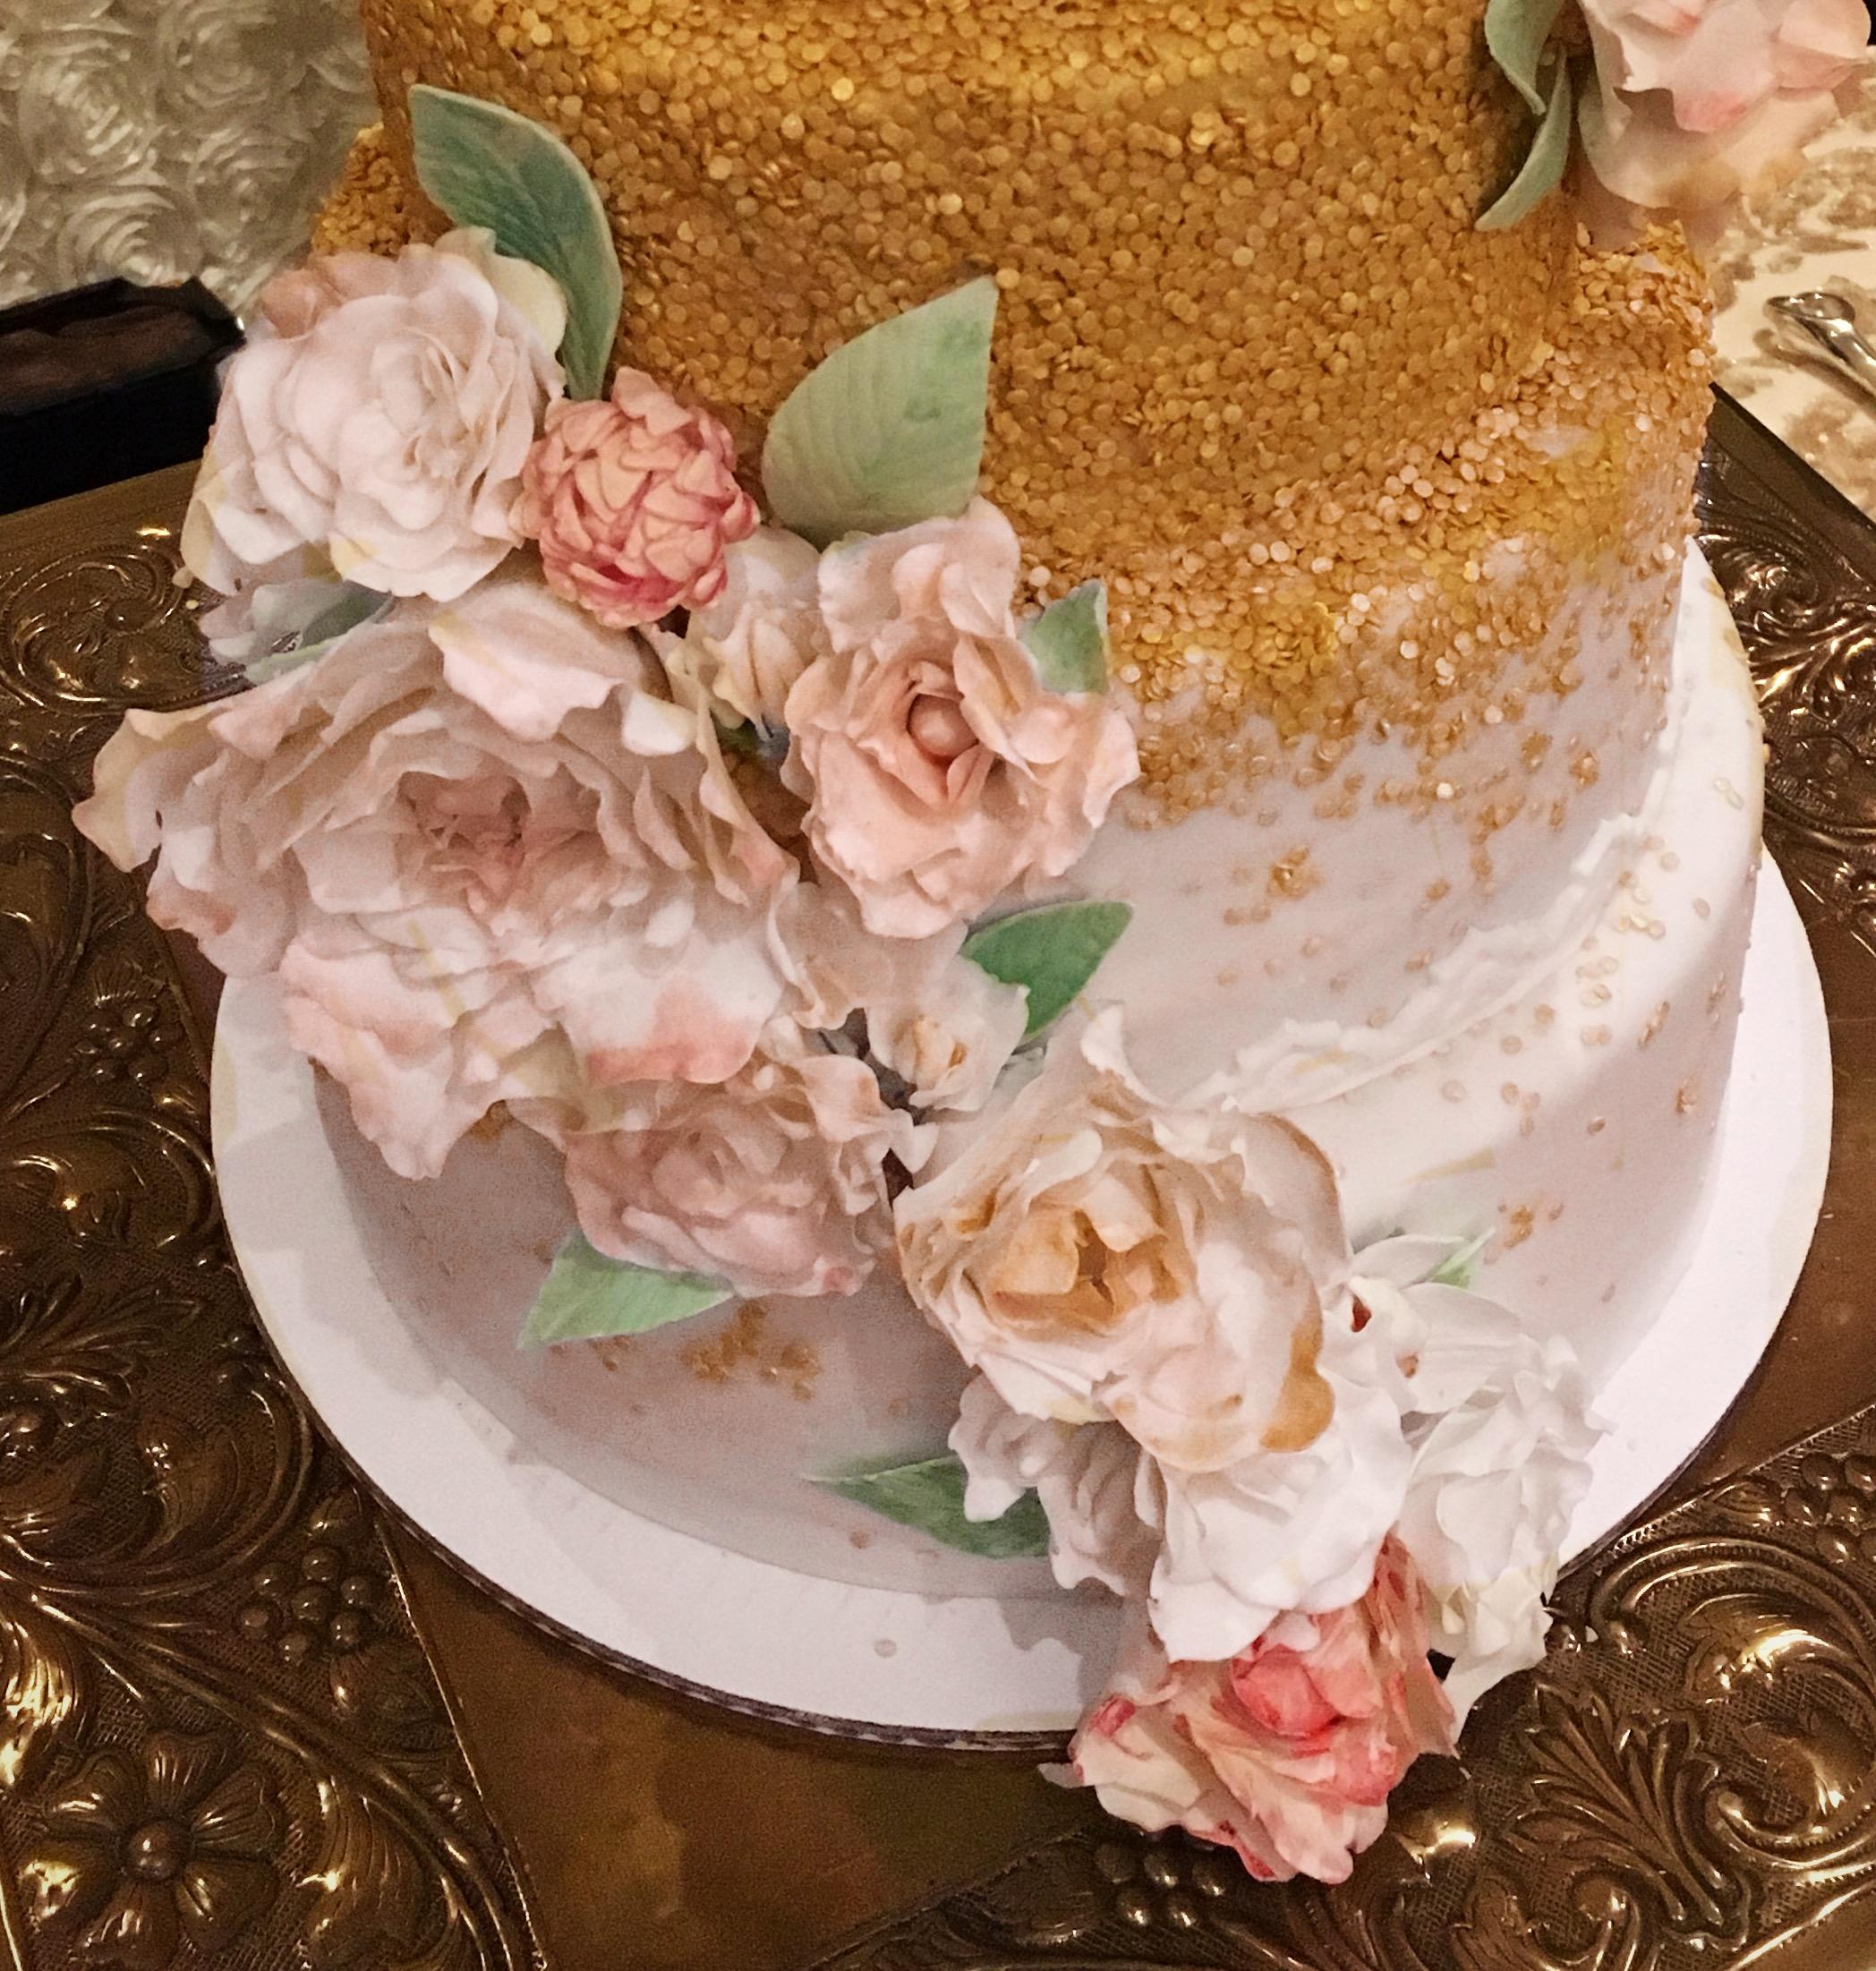 Handmade Flowers for wedding cake